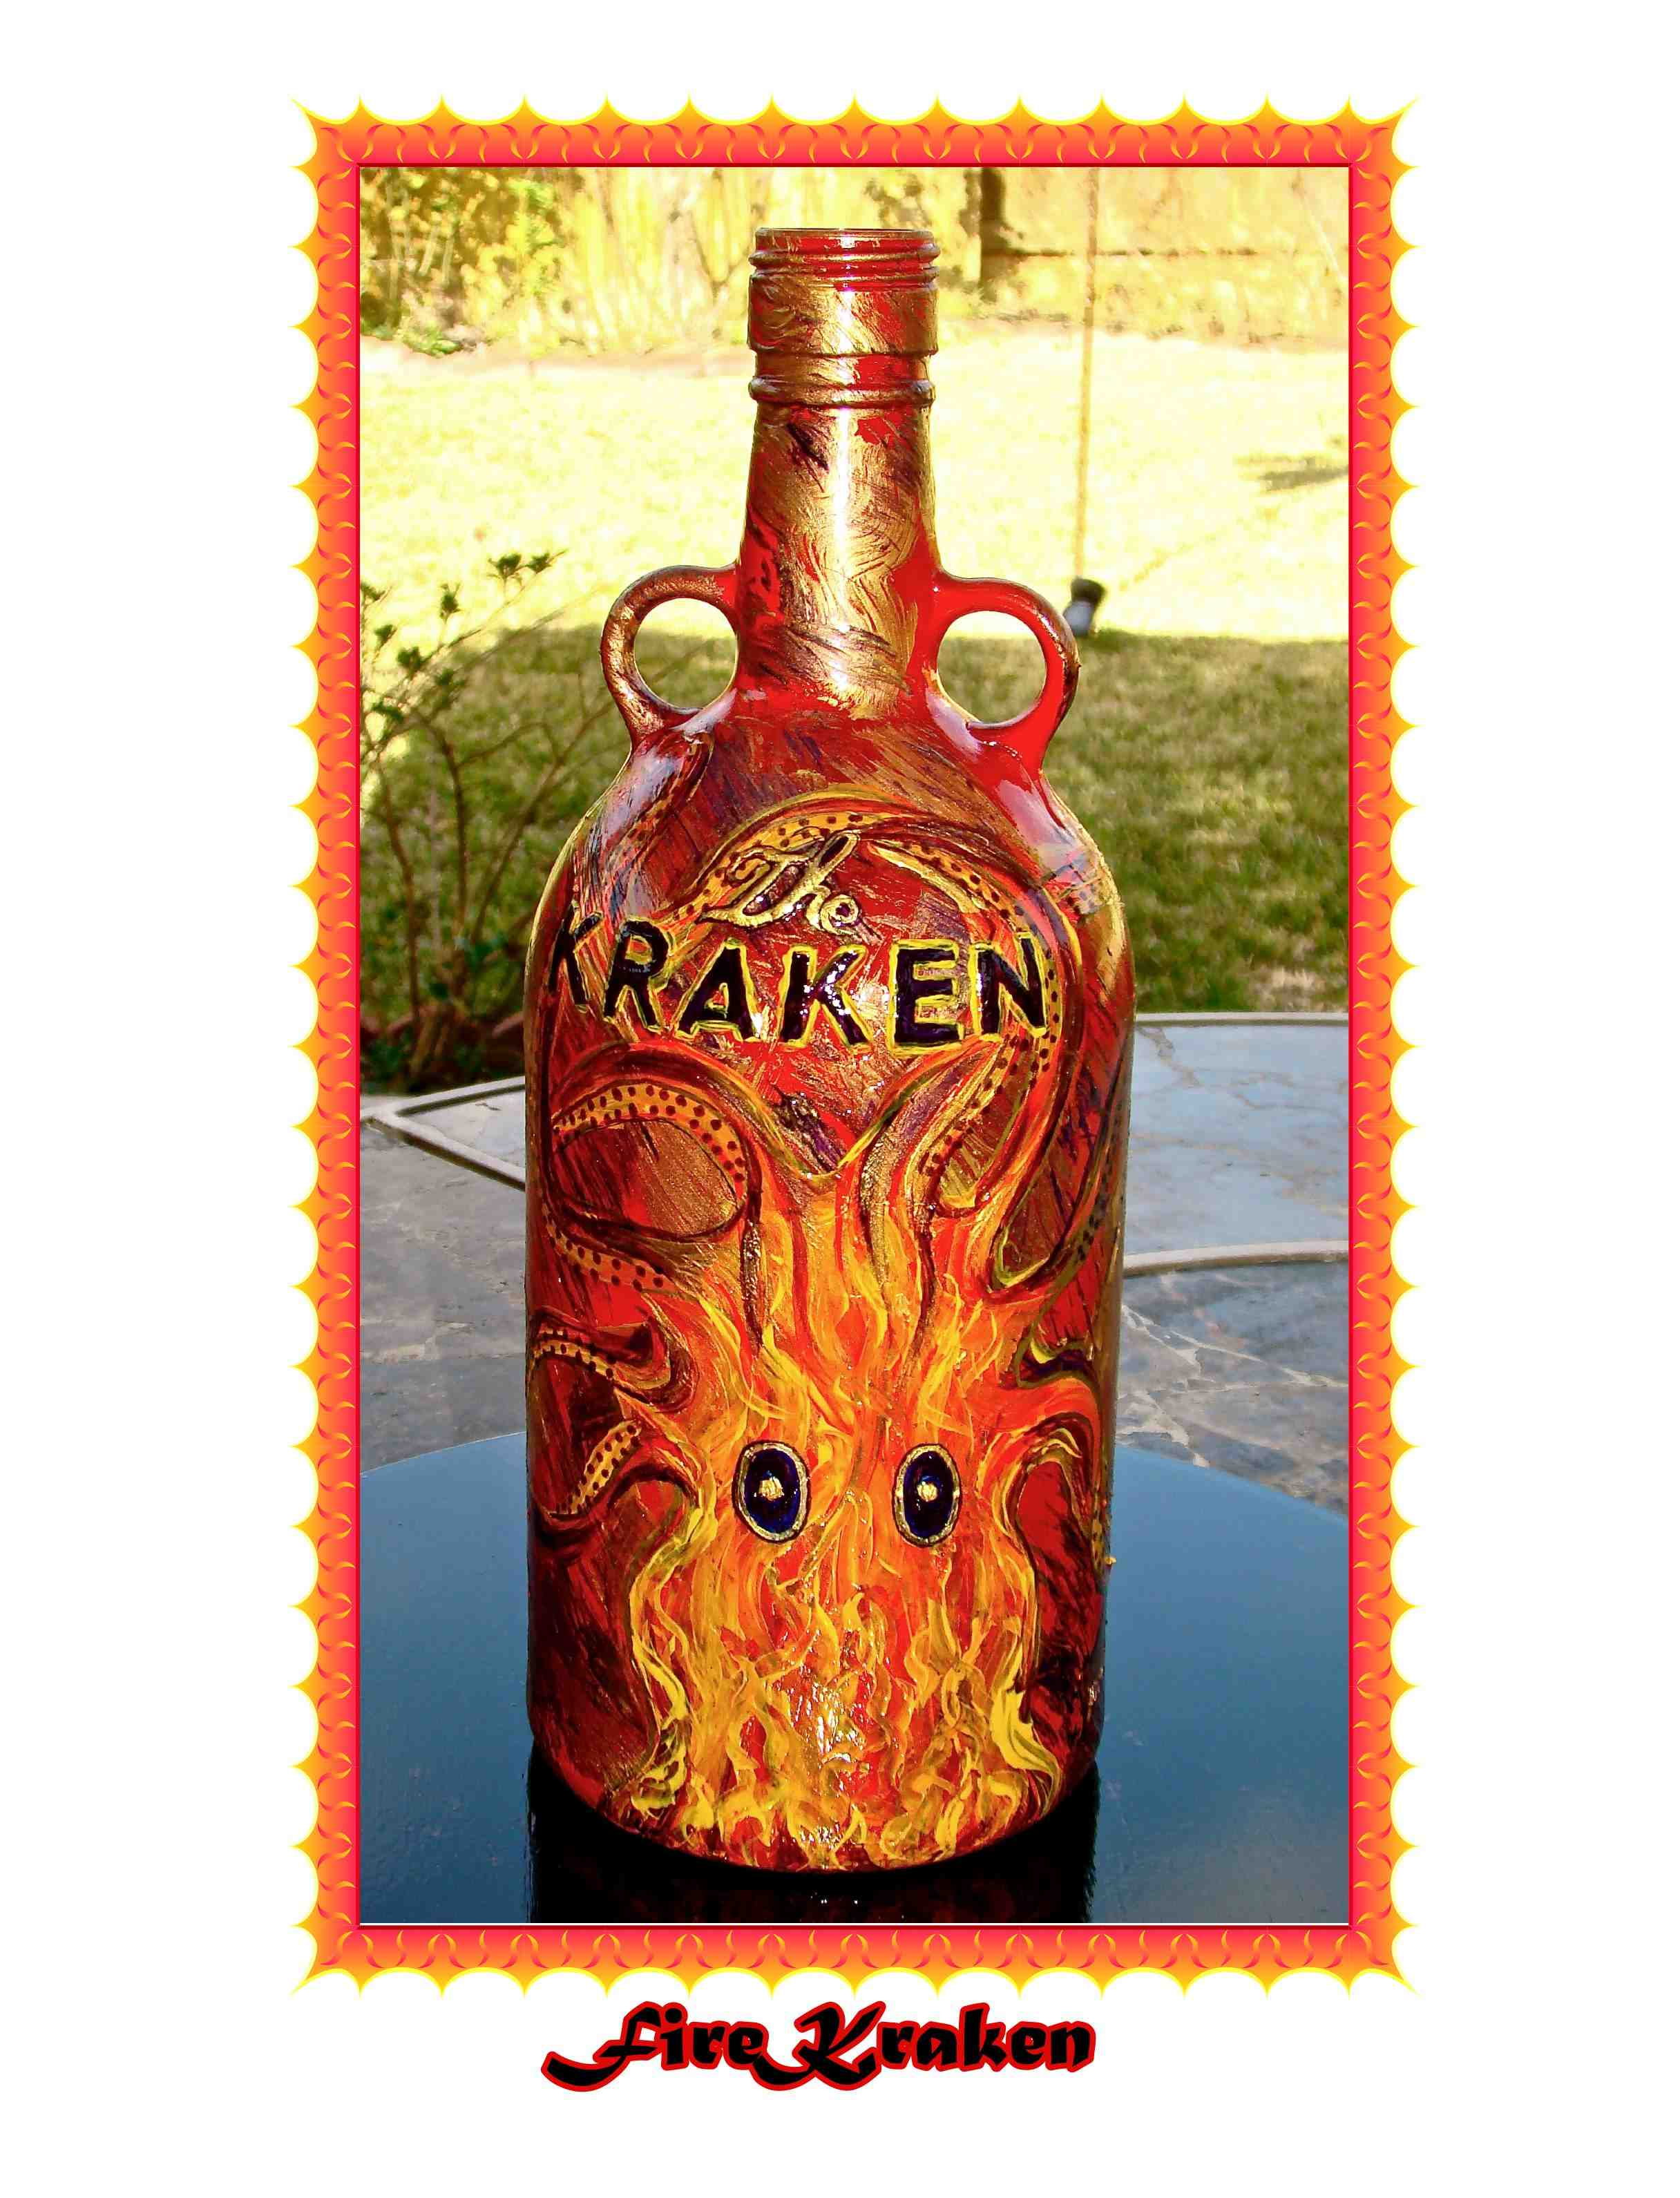 Firekraken